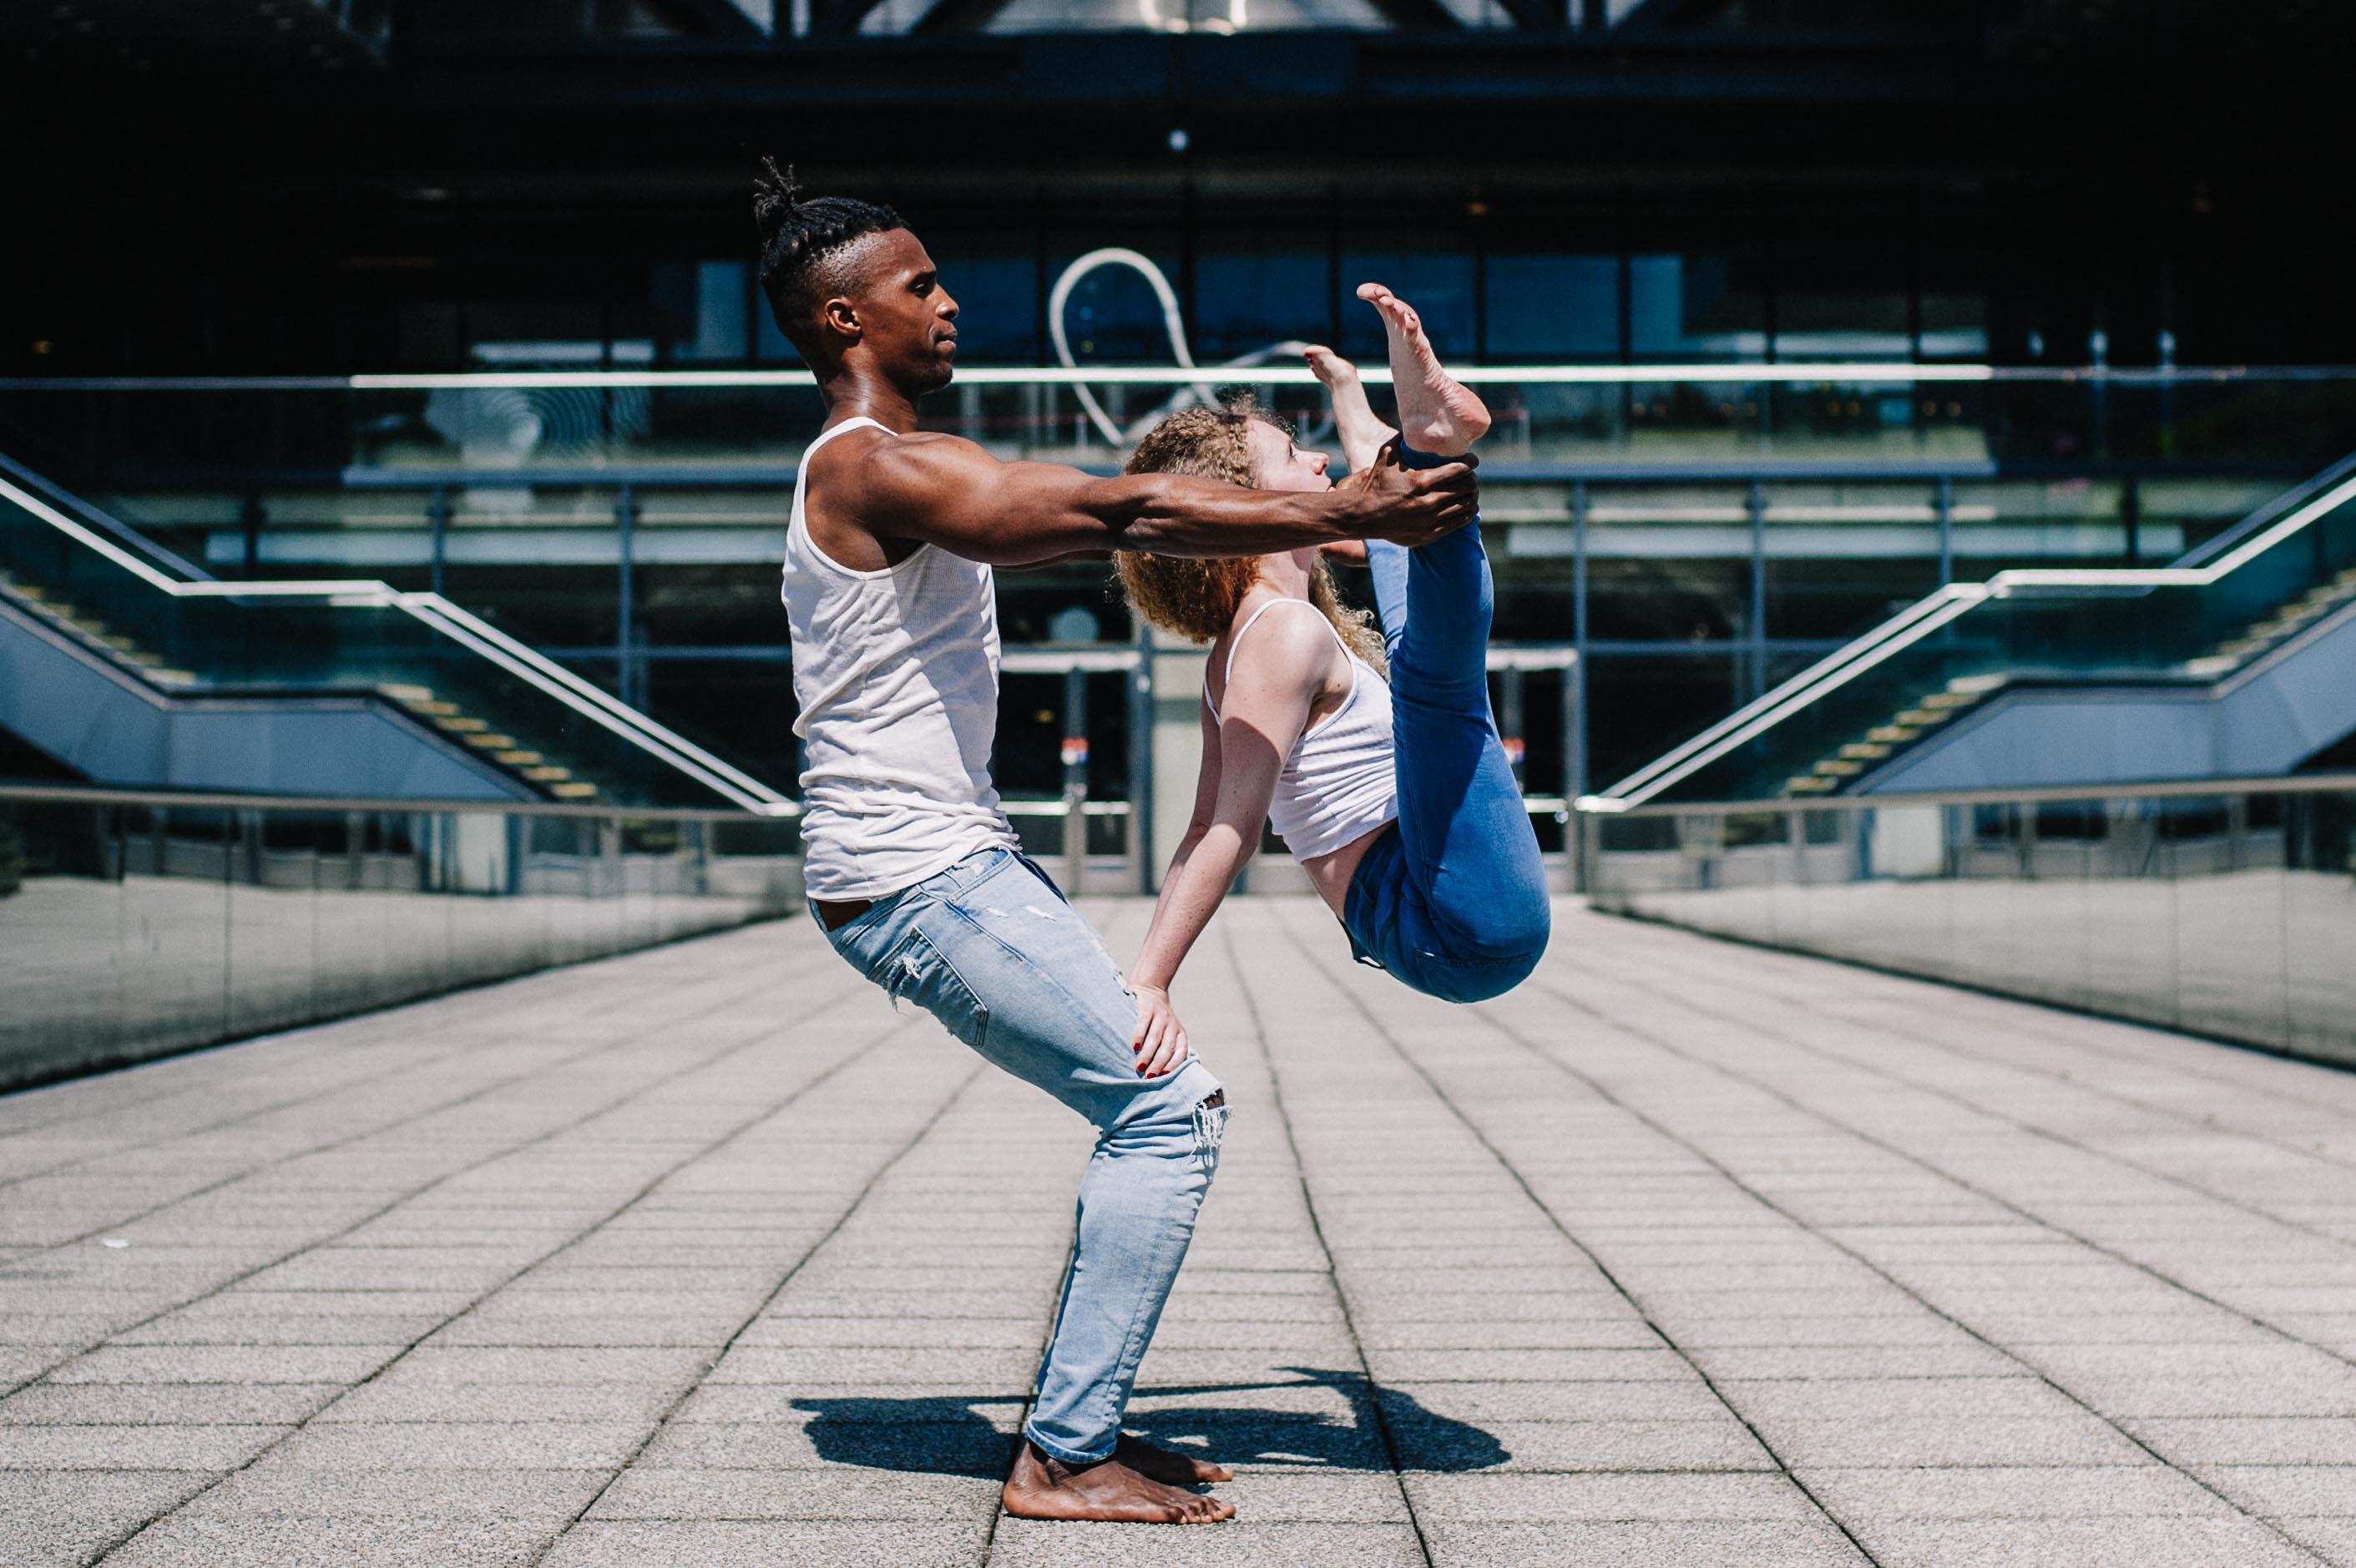 Urban AcroYoga in Paris - Yogagraphy | AcroYoga à Paris - YogaGraphie